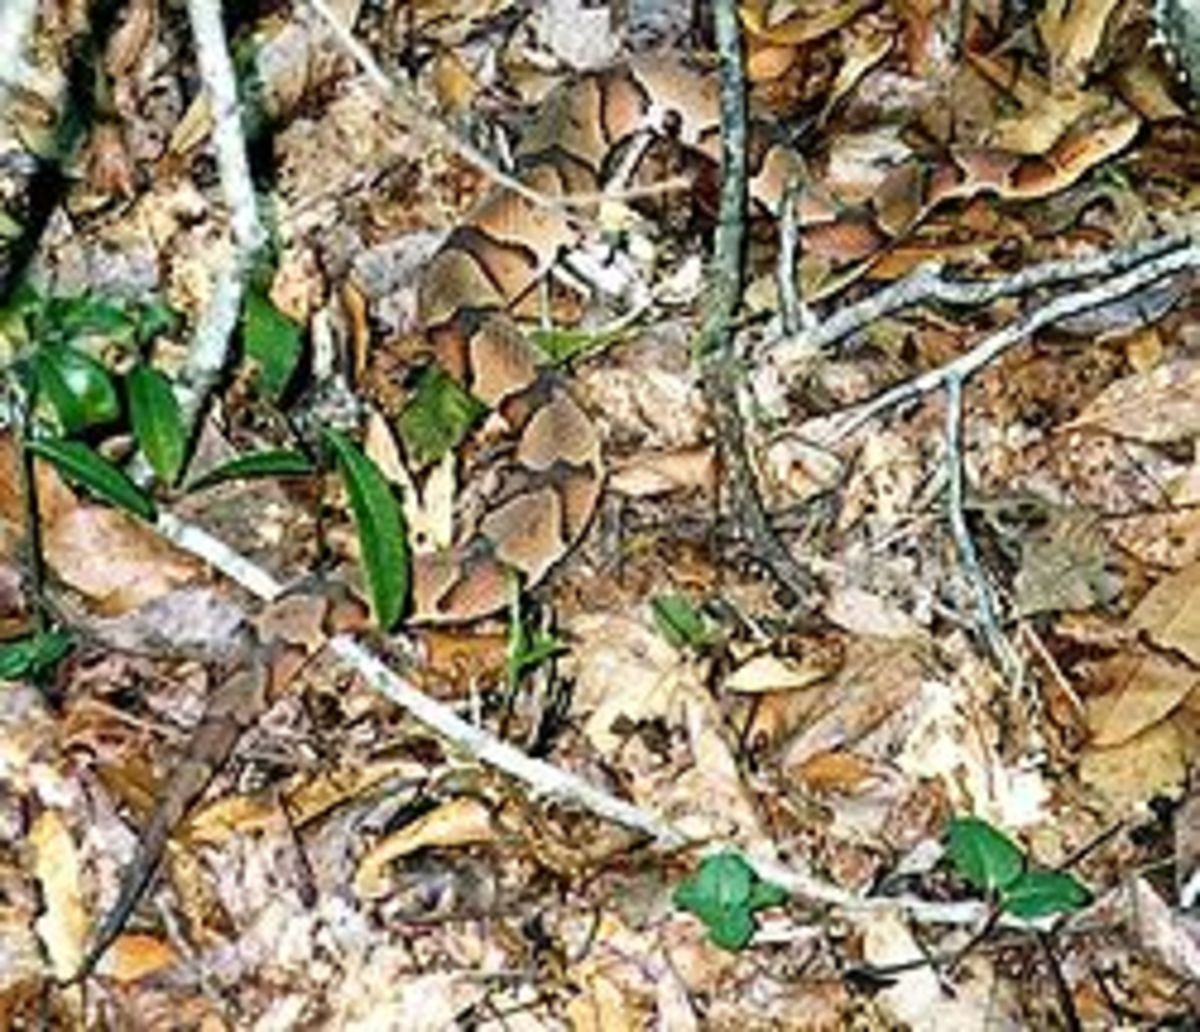 the-copperhead-an-american-venomous-pit-viper